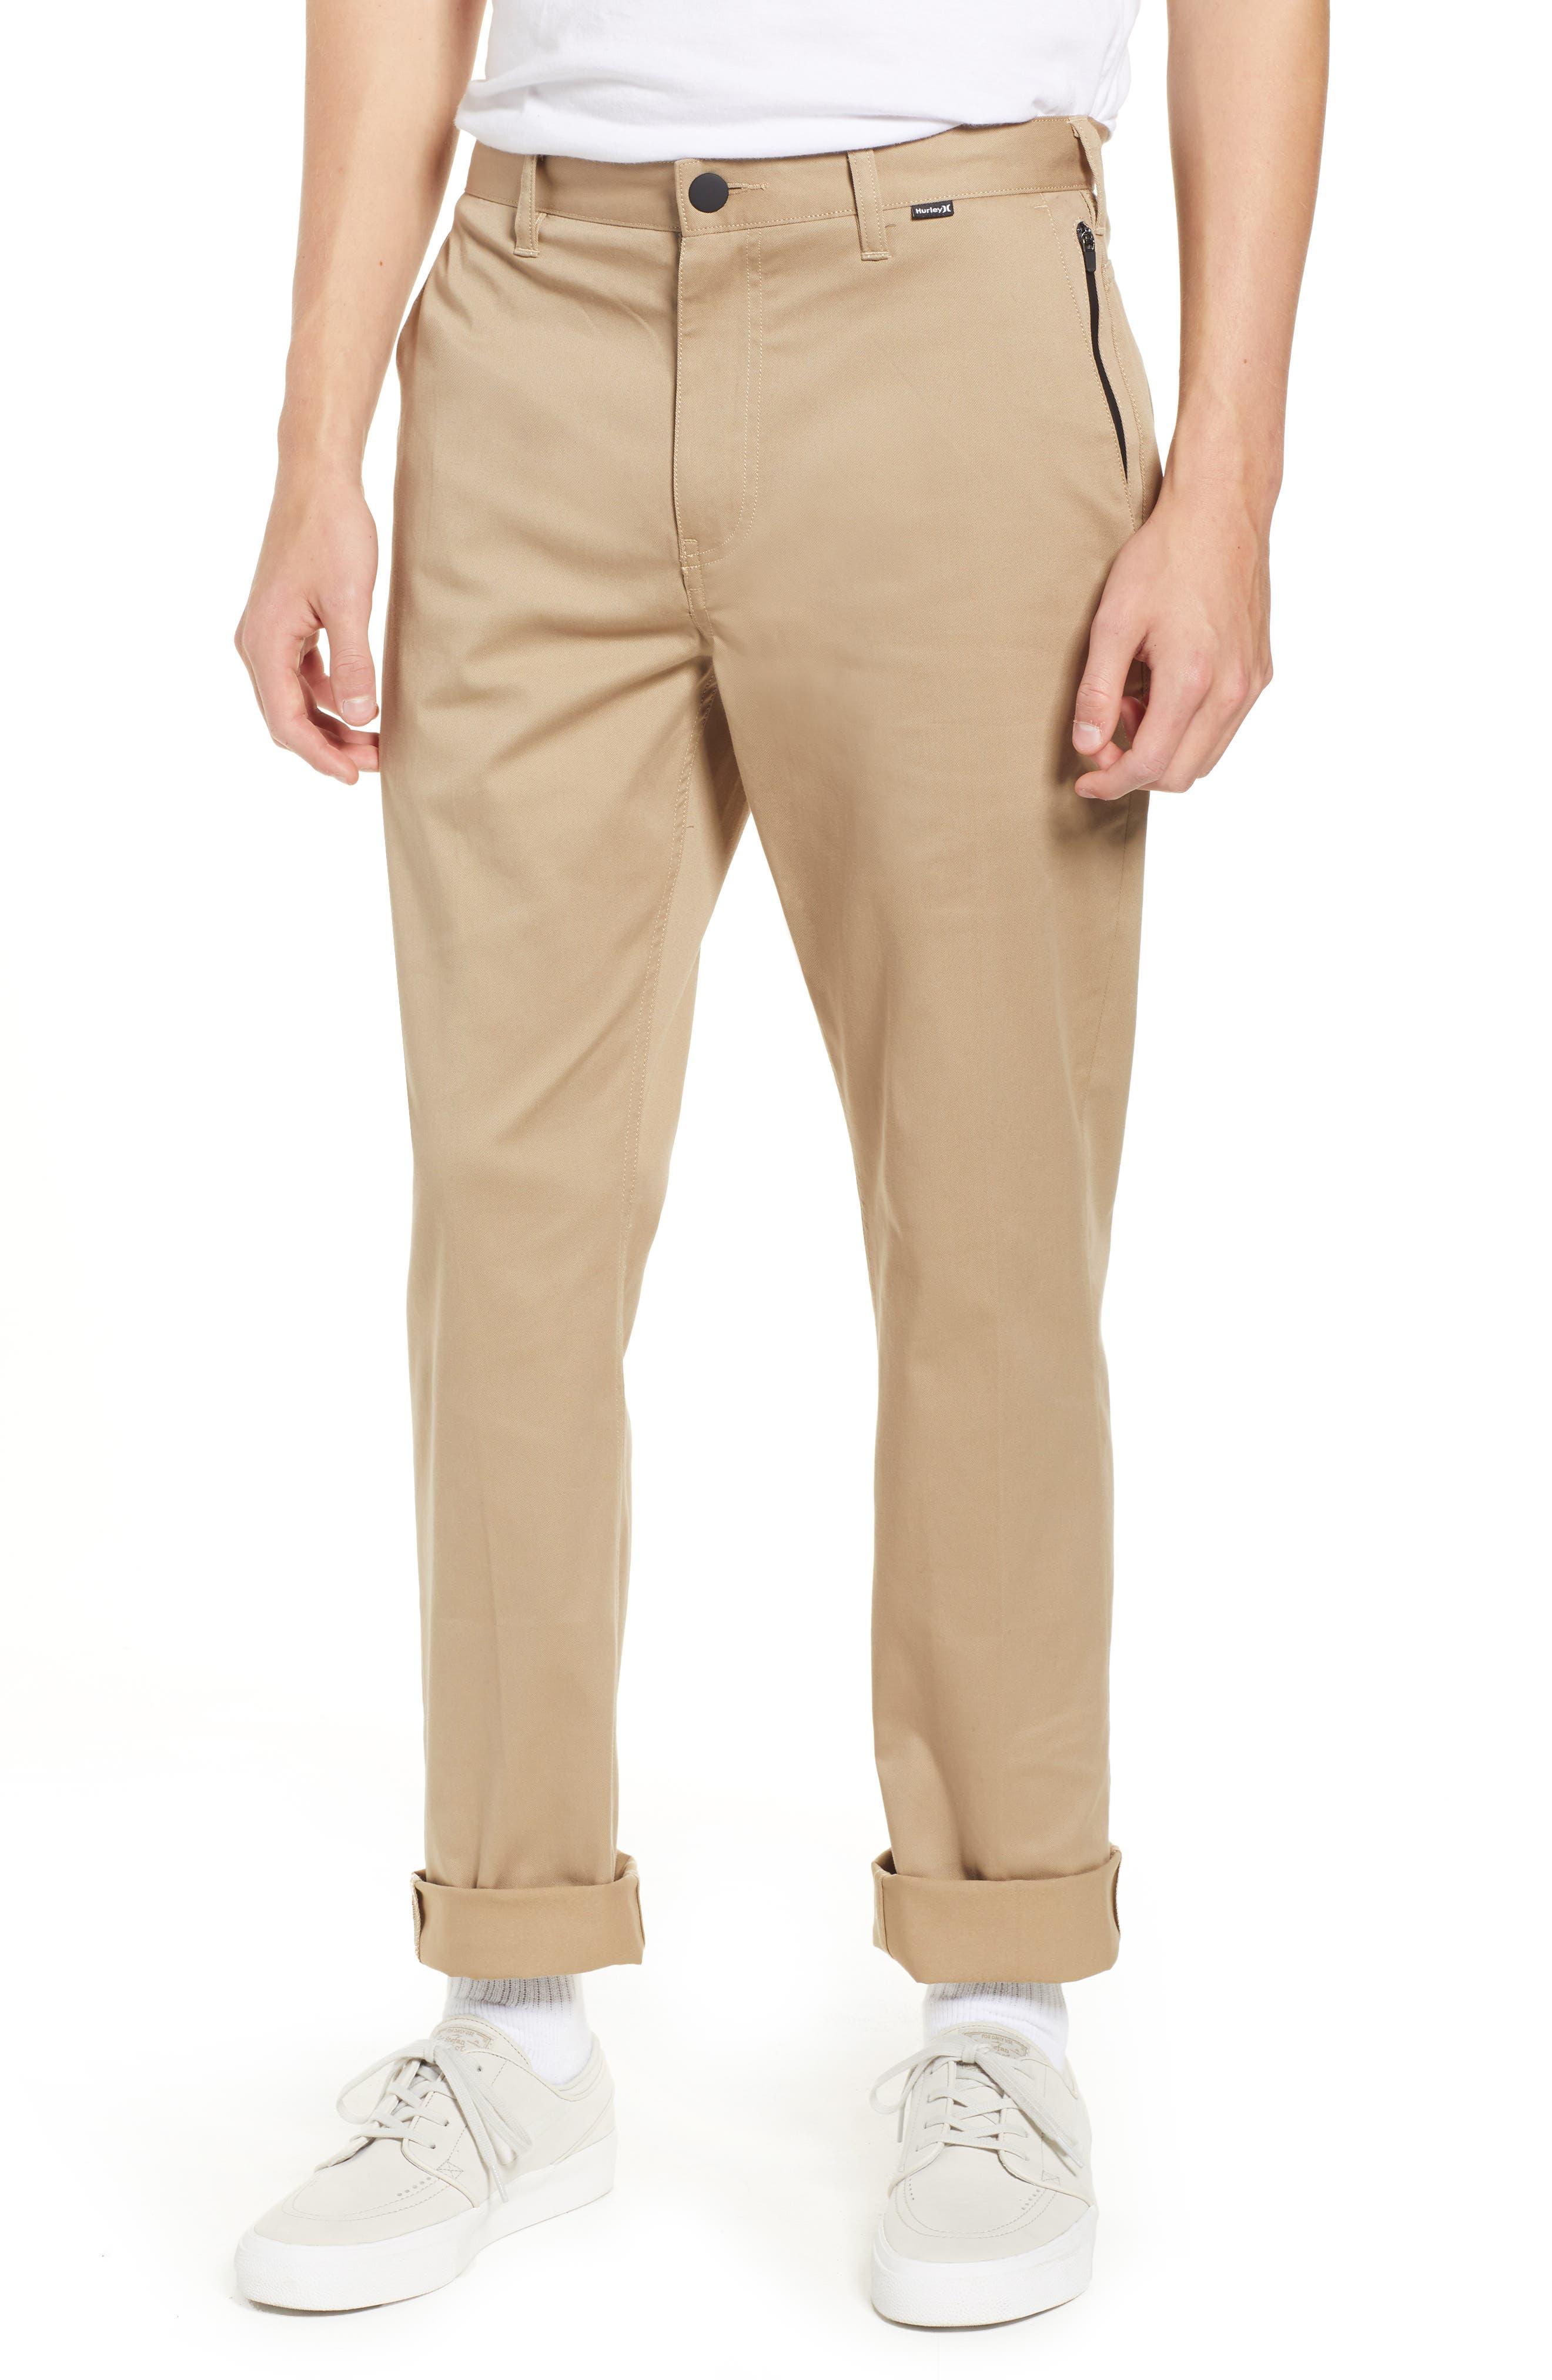 Men's Hurley Dri-Fit Pants